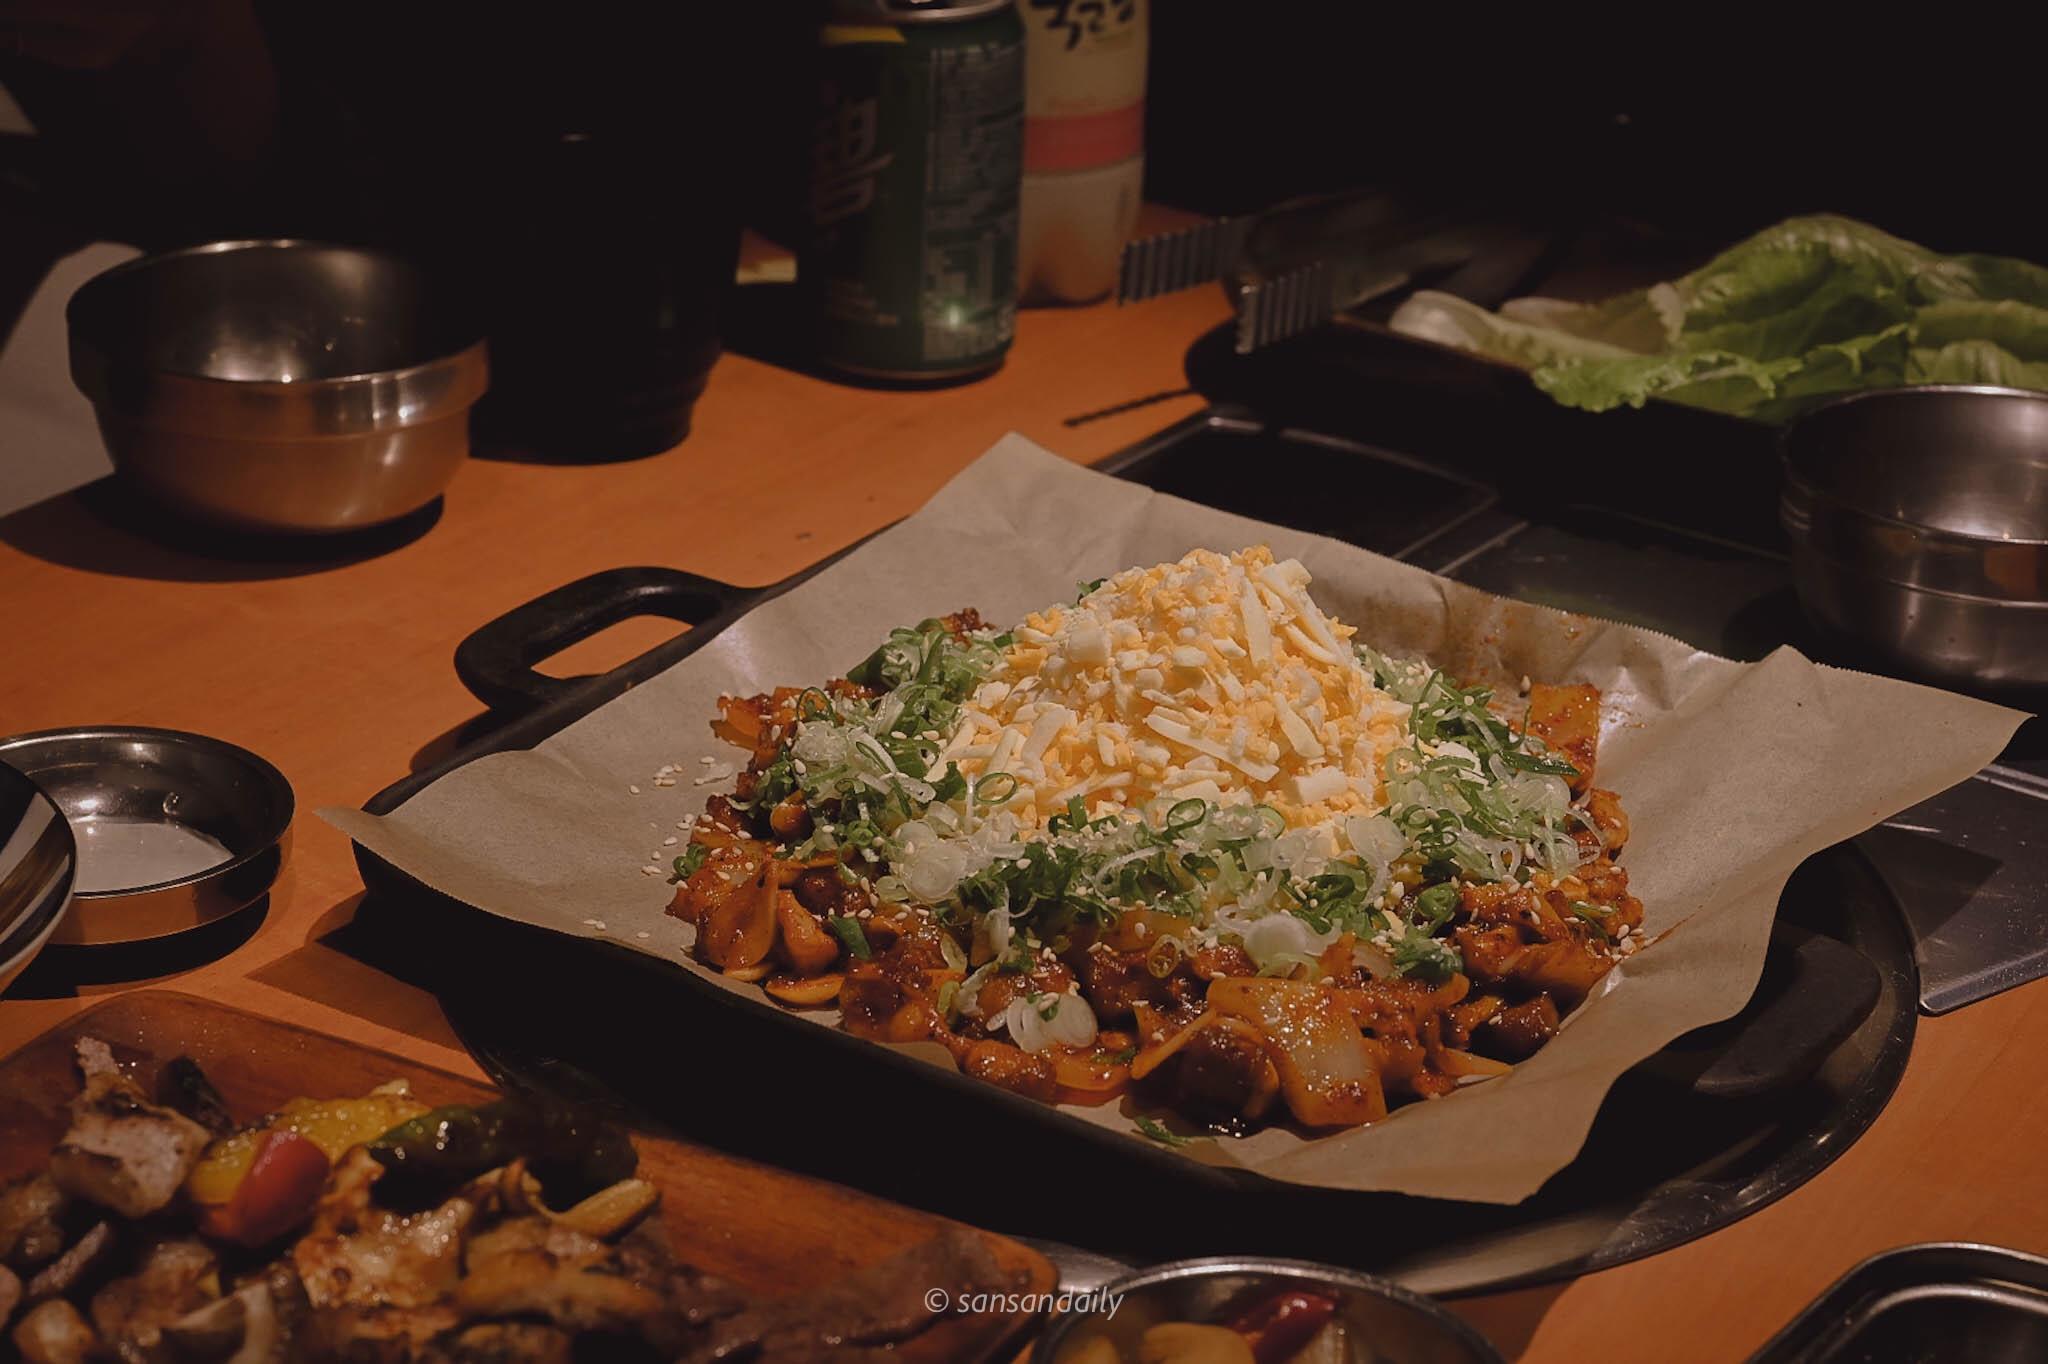 中間滿滿的起司周圍有韓式烤腸的韓式雪花烤腸